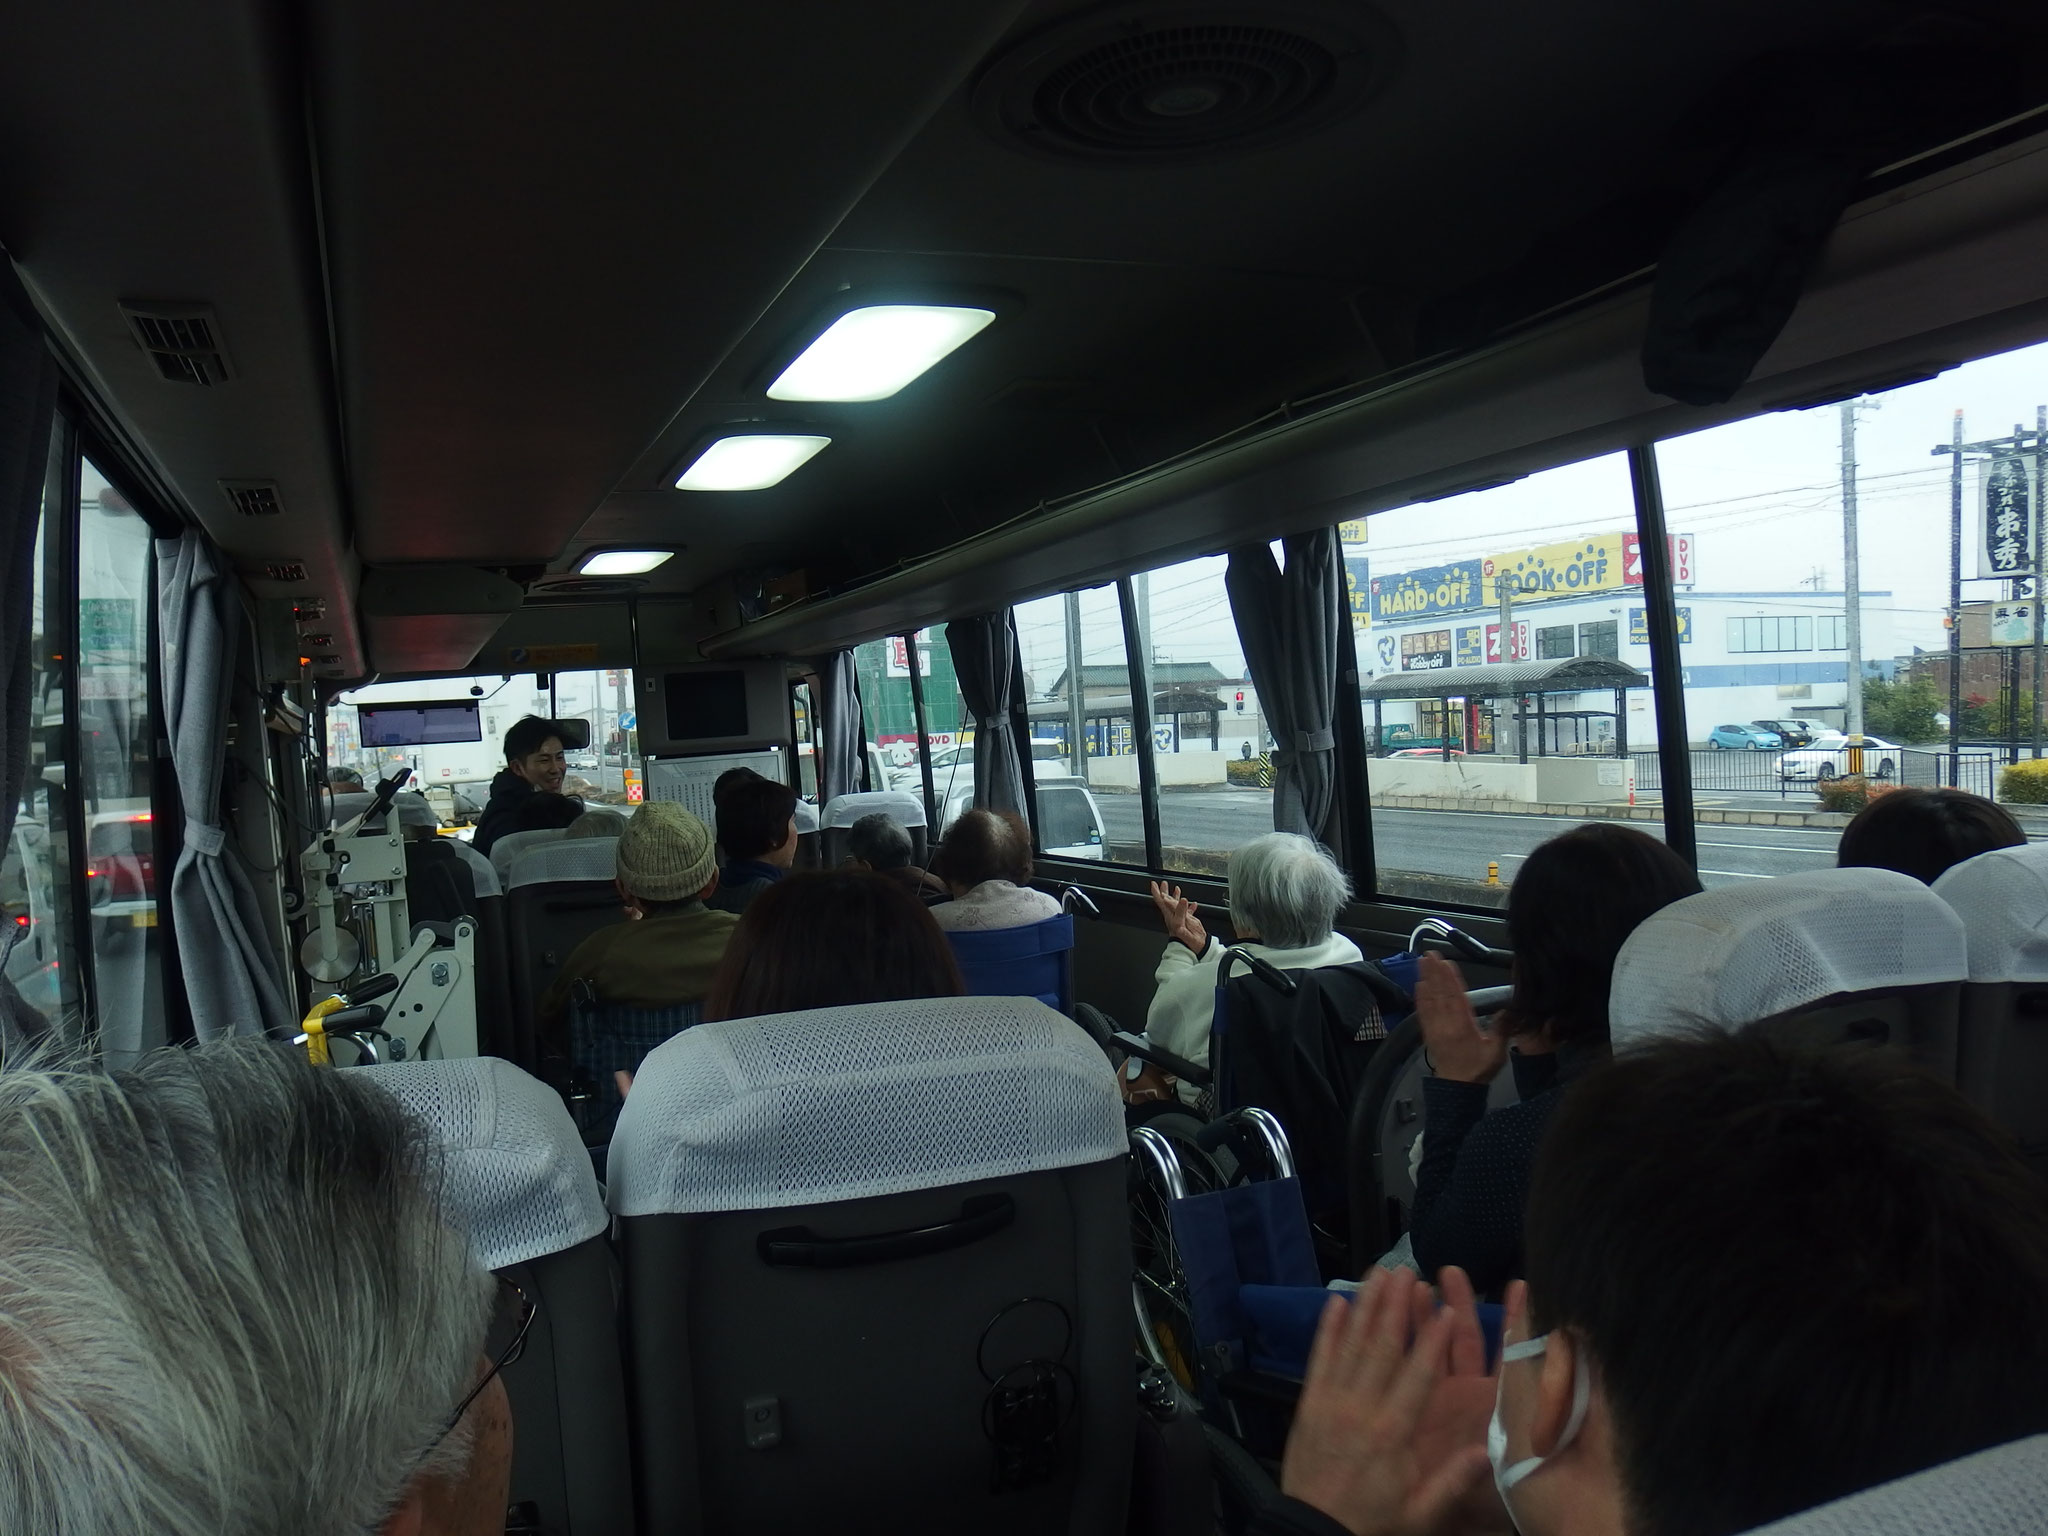 バス内は歌謡曲が流れイイ感じ~♪